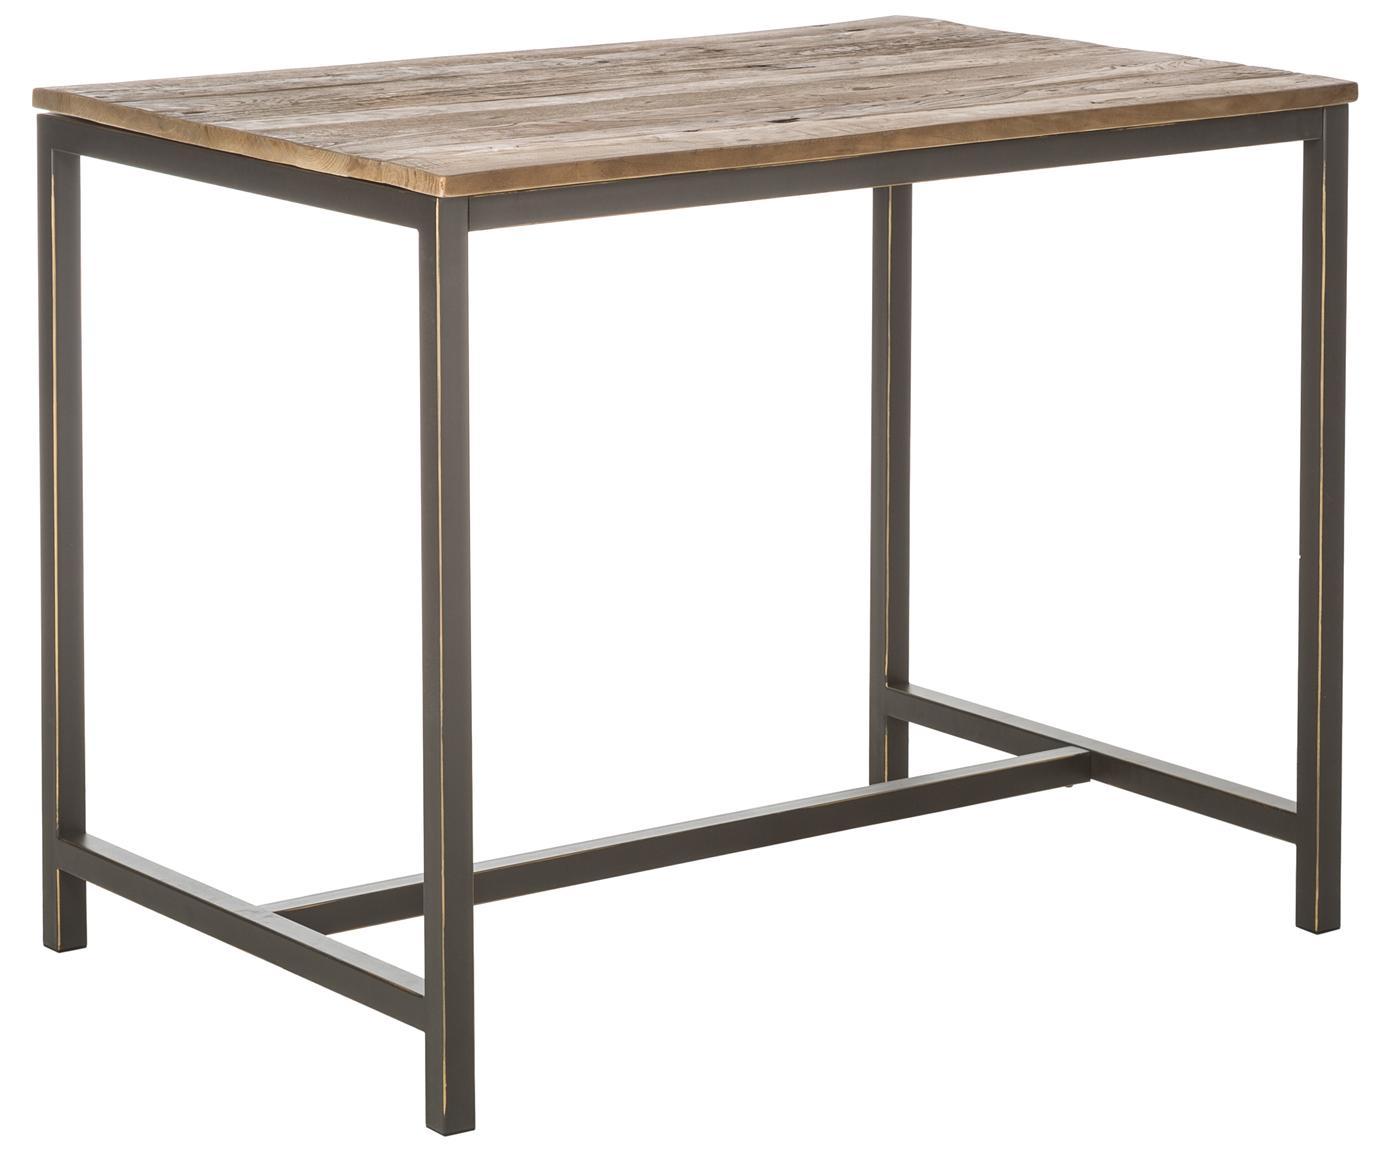 Tavolo da bar con piano in legno massello Vintage, Struttura: acciaio verniciato a polv, Piano d'appoggio: legno di olmo, spazzolato, Olmo, nero, Larg. 130 x Alt. 104 cm